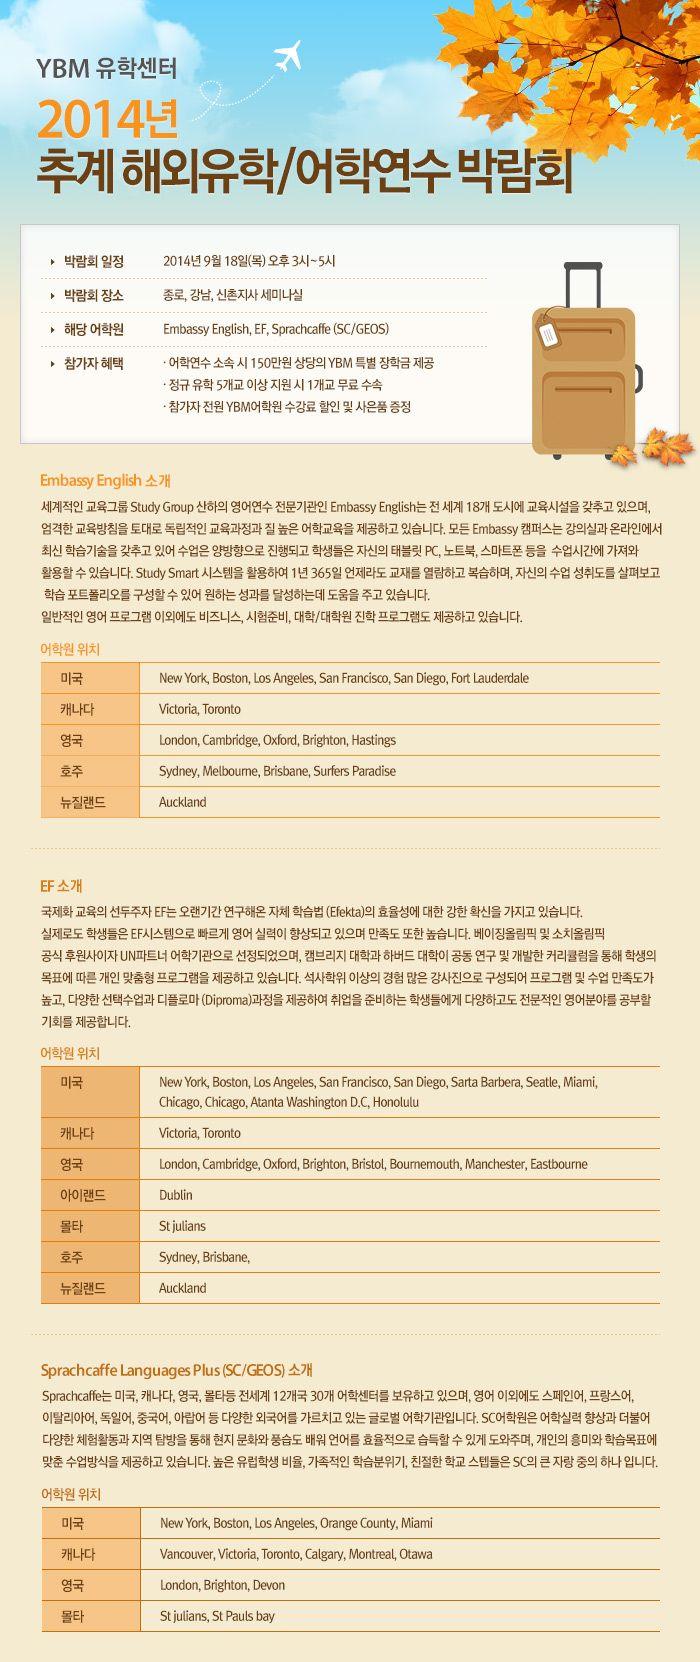 [유학]2014년 추계 해외유학•어학연수 박람회 (김미진)